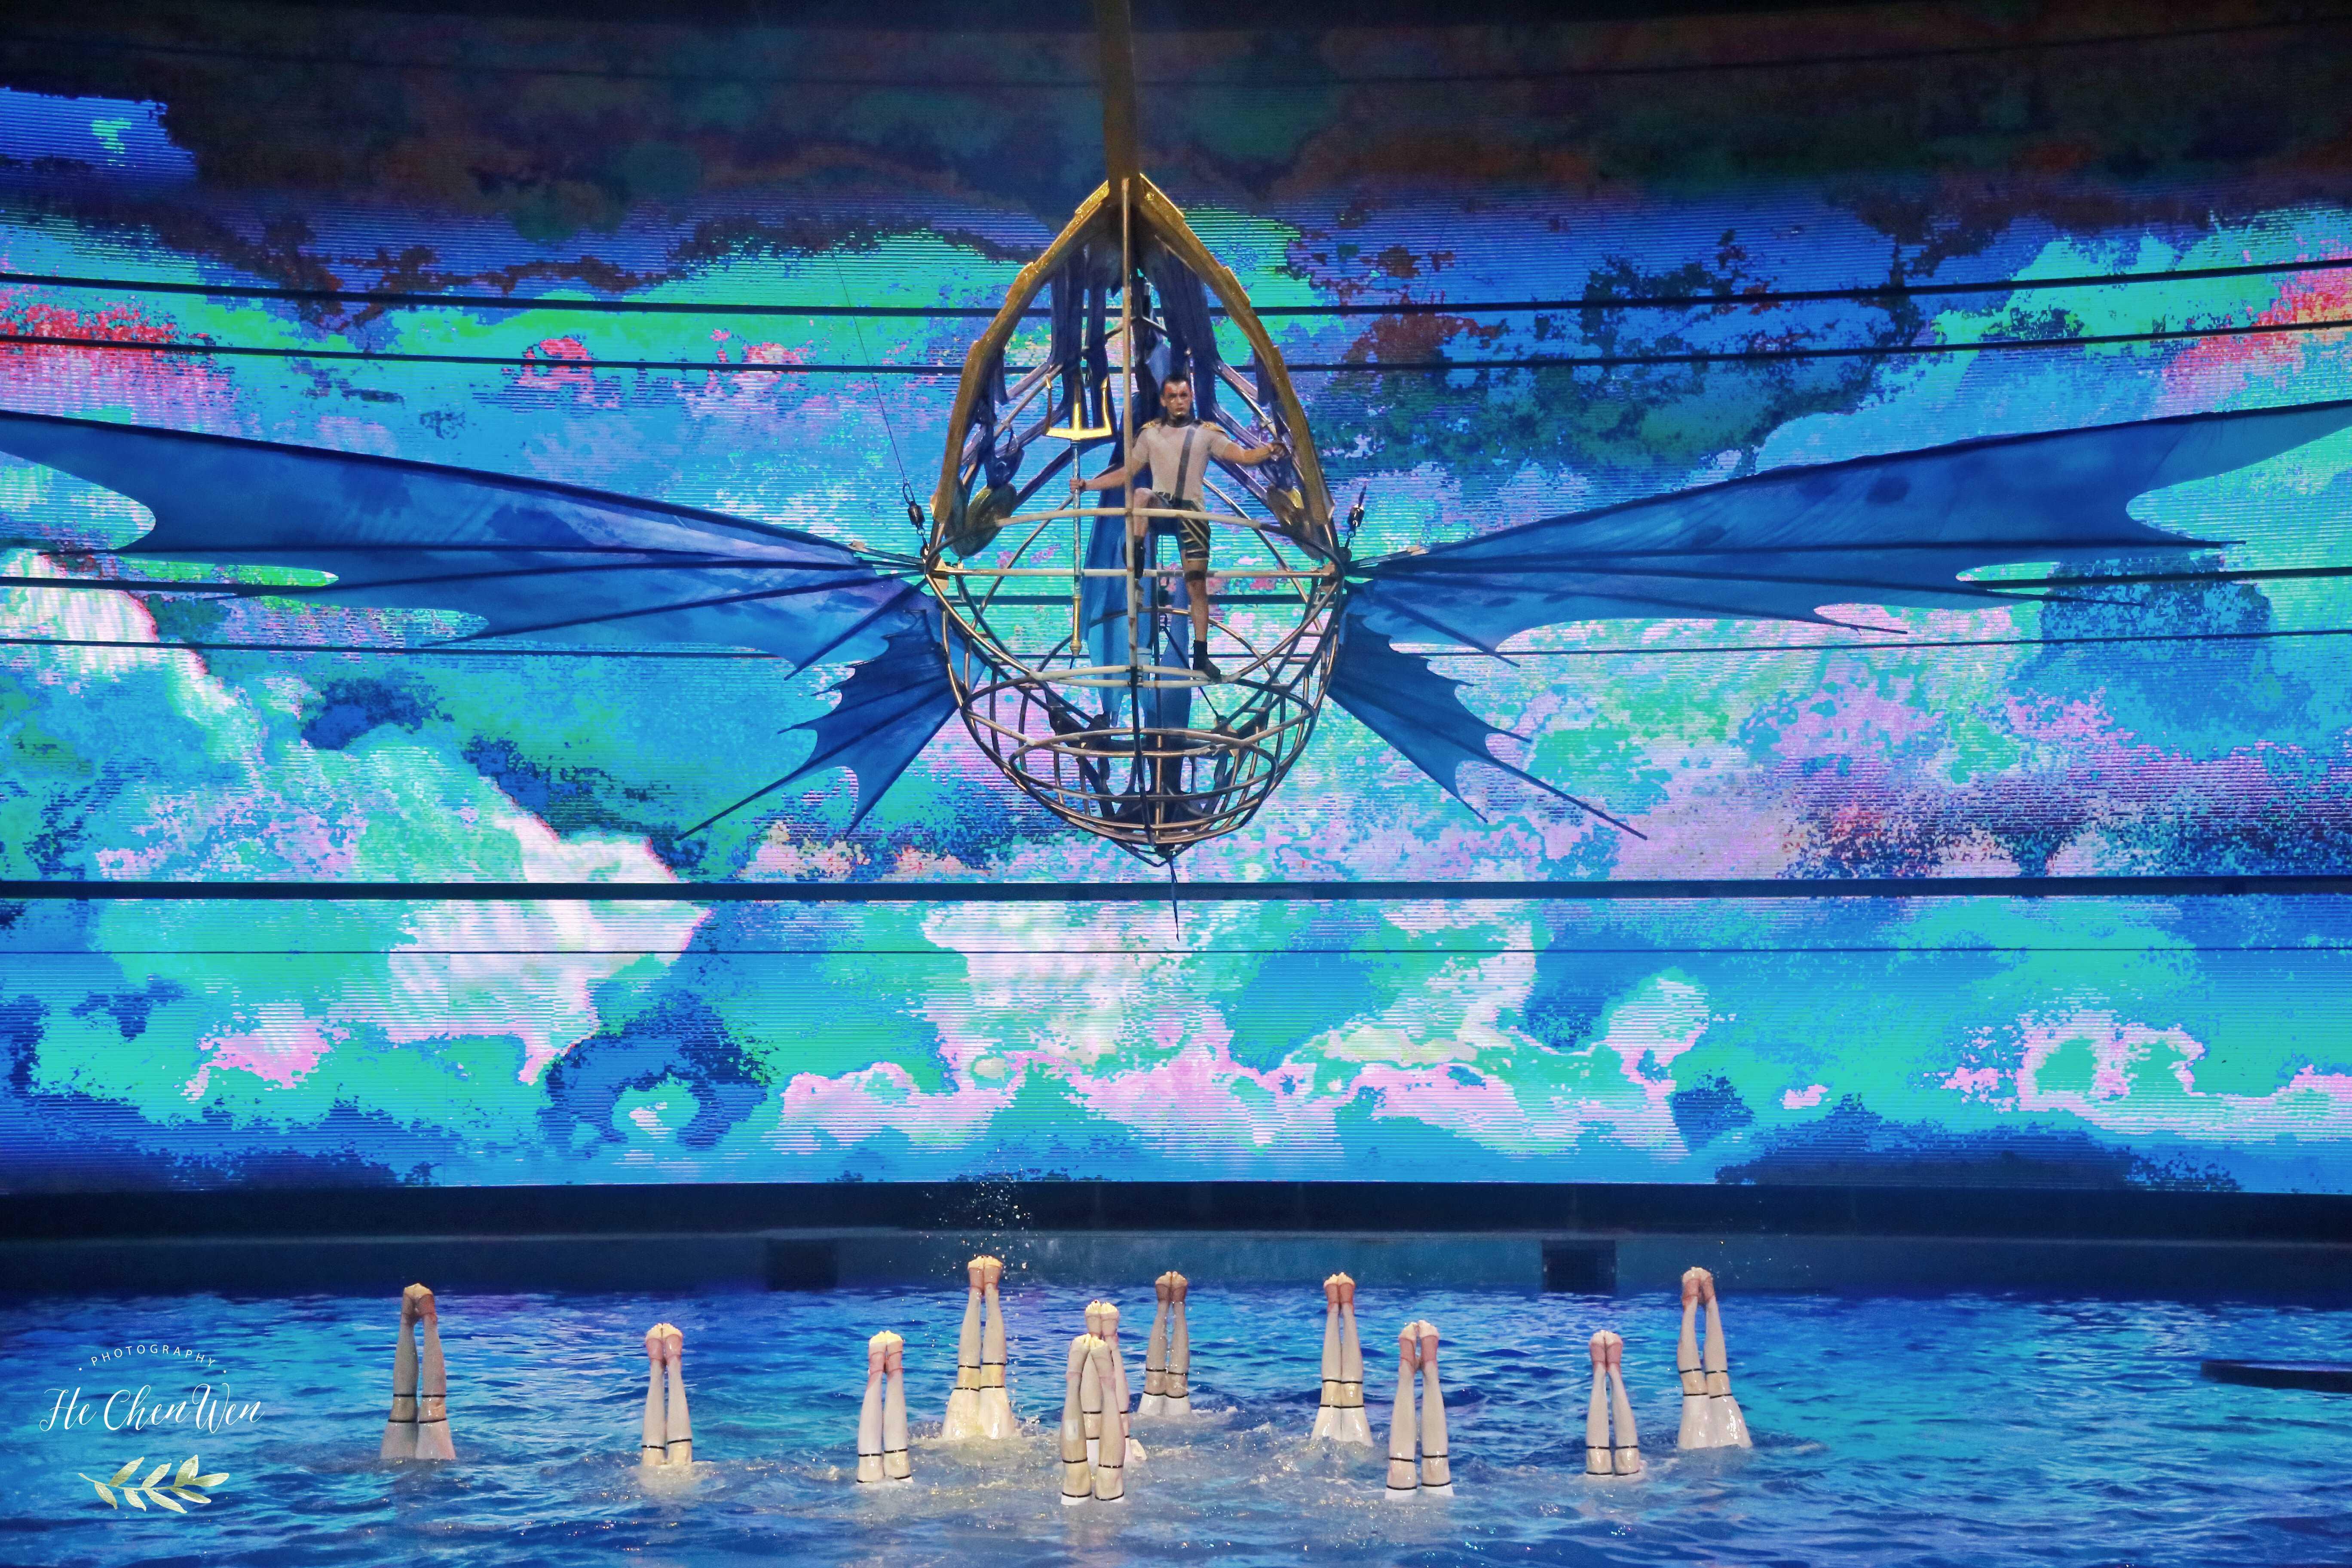 原创             国内首家七星级酒店,探秘亚特兰蒂斯古城的秘密,体验人鱼传说